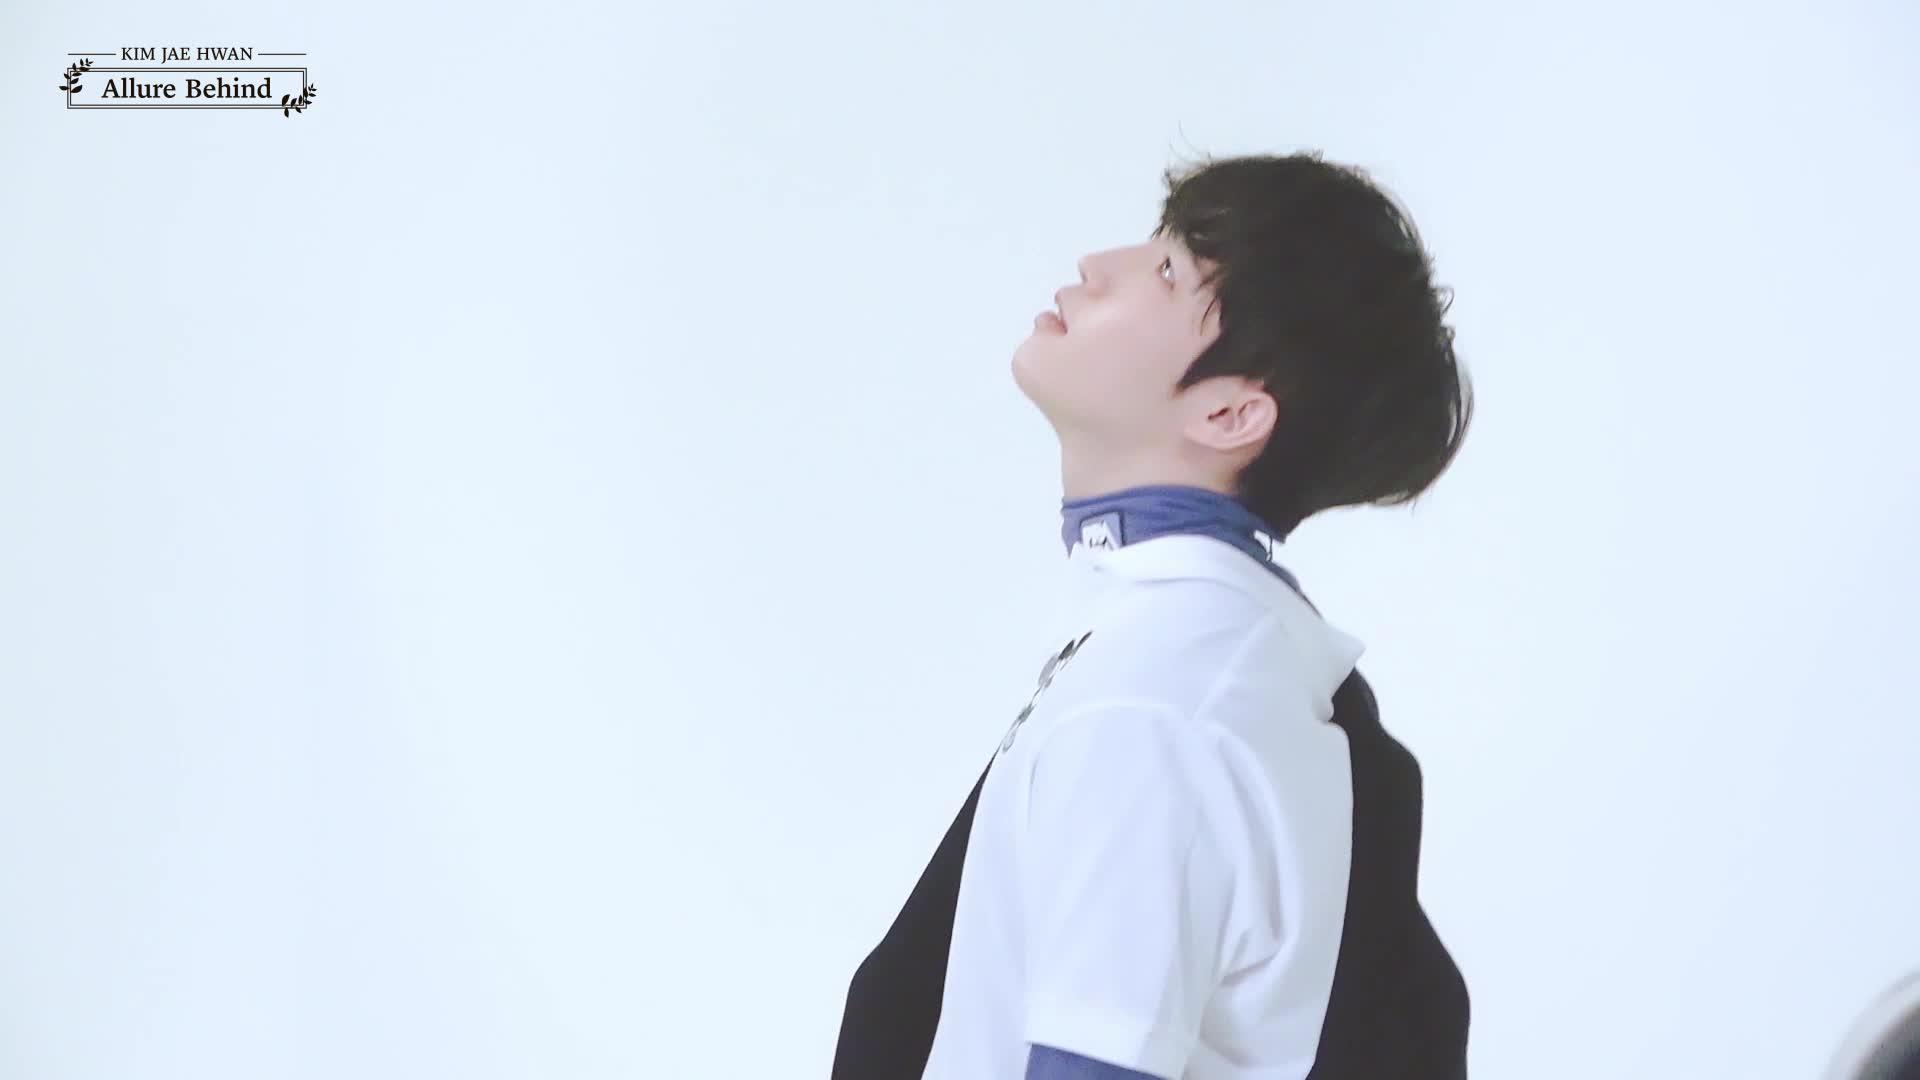 [BEHIND] 김재환(Kim jaehwan) - 얼루어 비하인드 (Allure Behind)